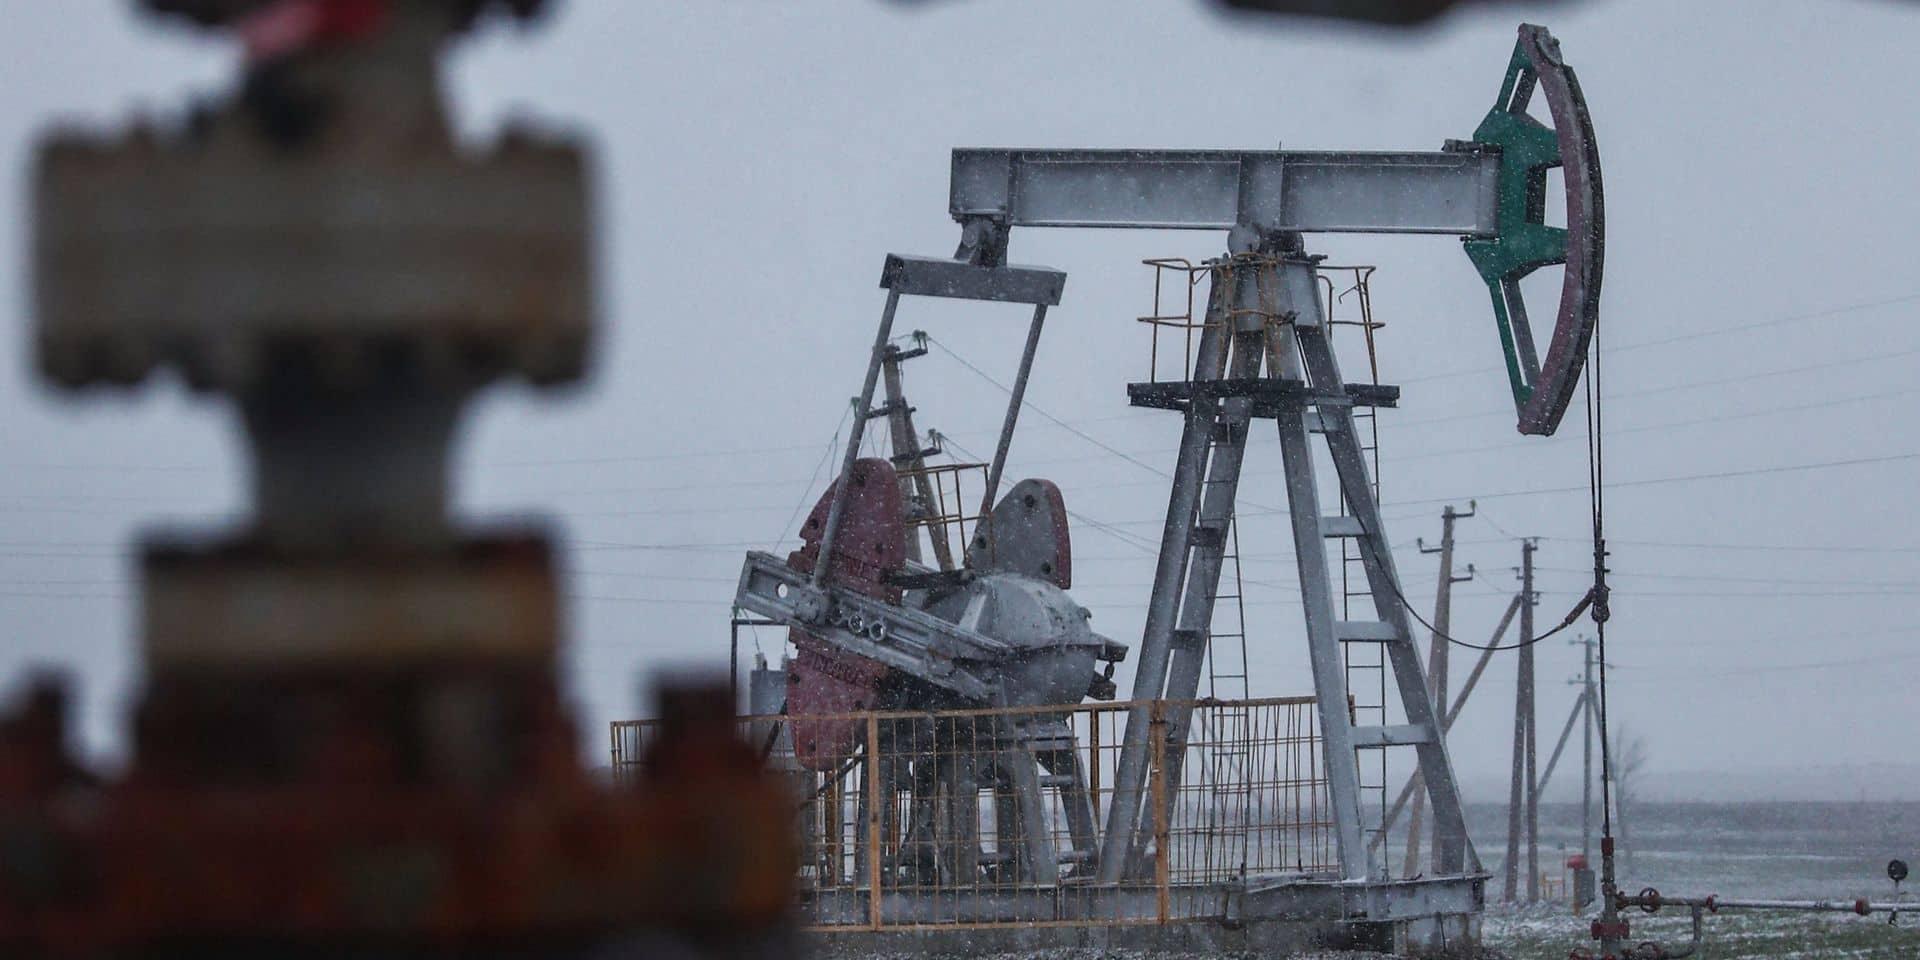 En 2016, la Russie a supplanté l'Arabie saoudite comme premier fournisseur de brut de la Chine. Mais selon Bruegel, c'est la Russie qui va devenir de plus en plus dépendante de la Chine…